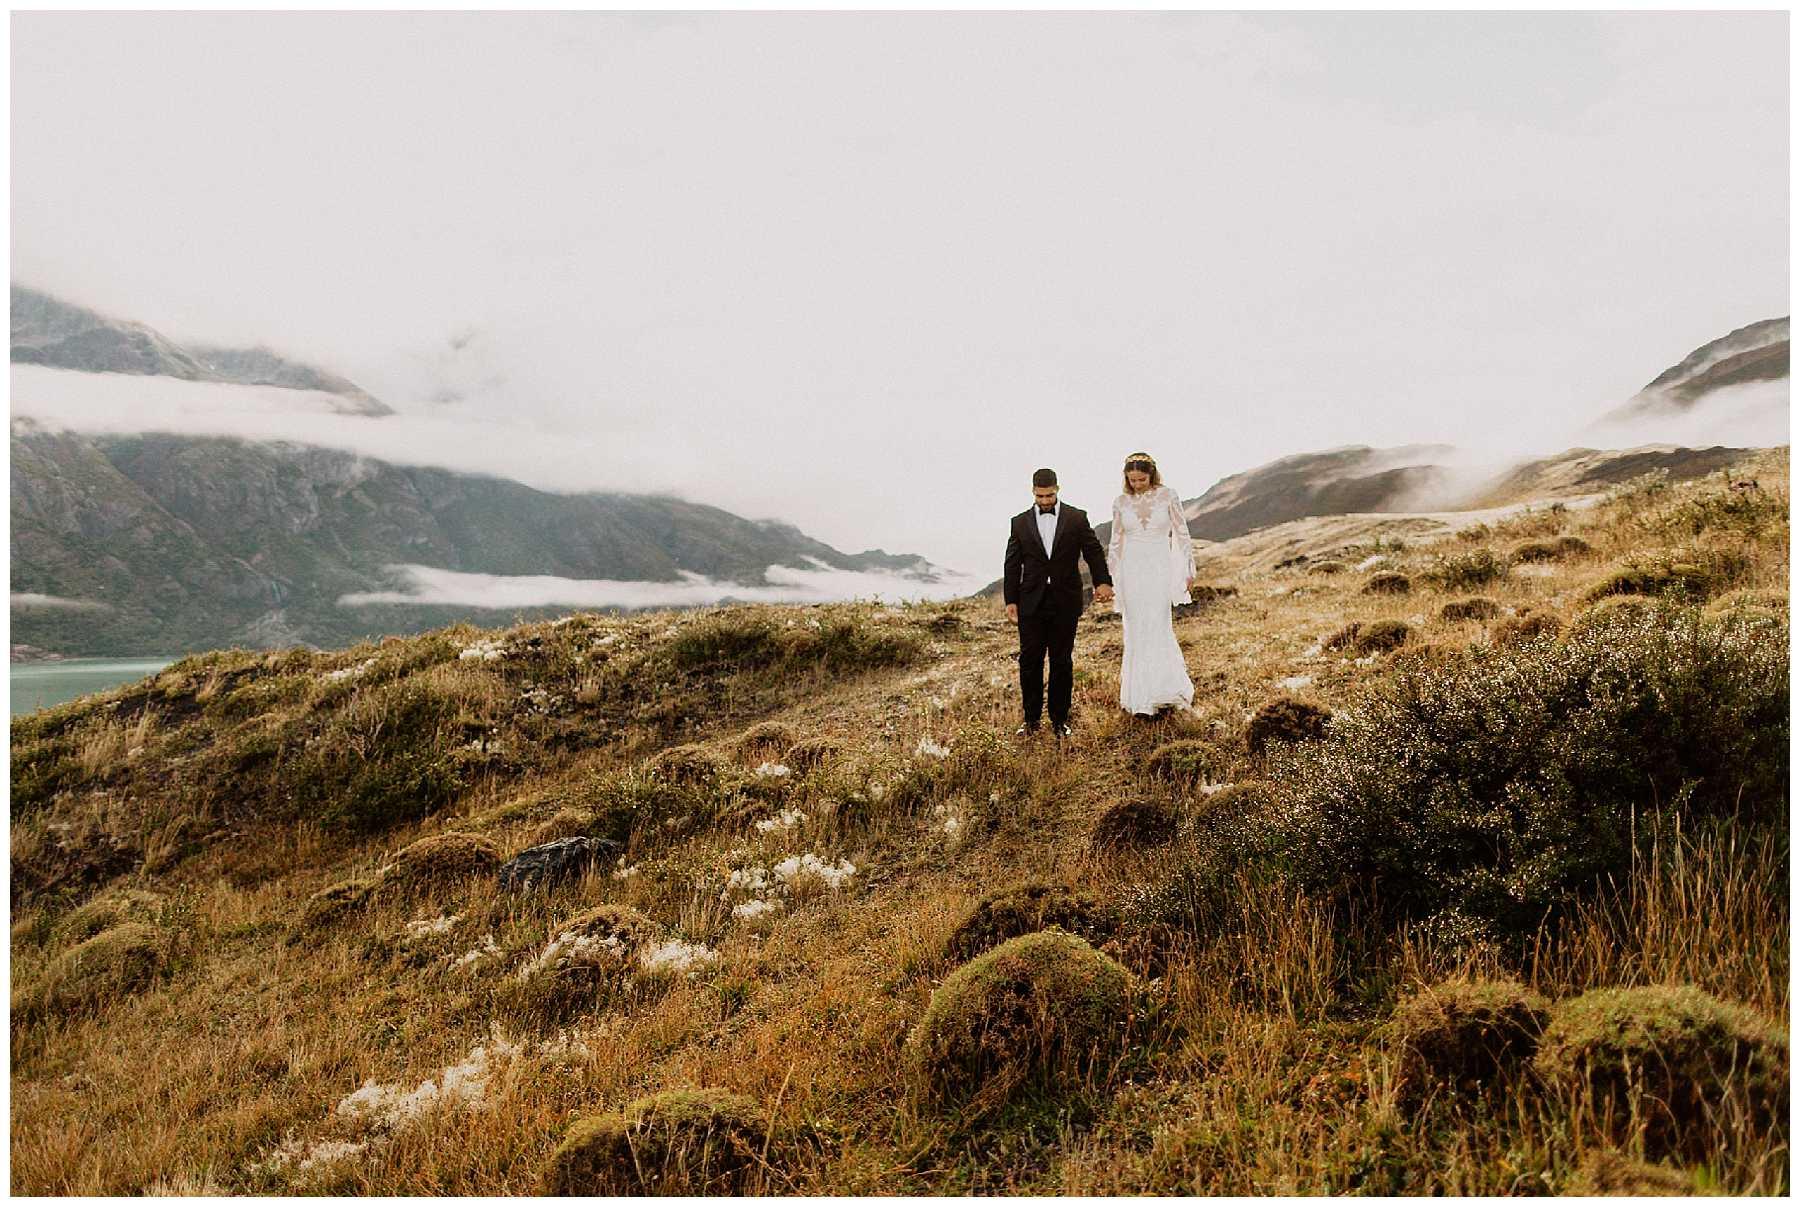 Sunrise Adventure Elopement in Patagonia, Chile